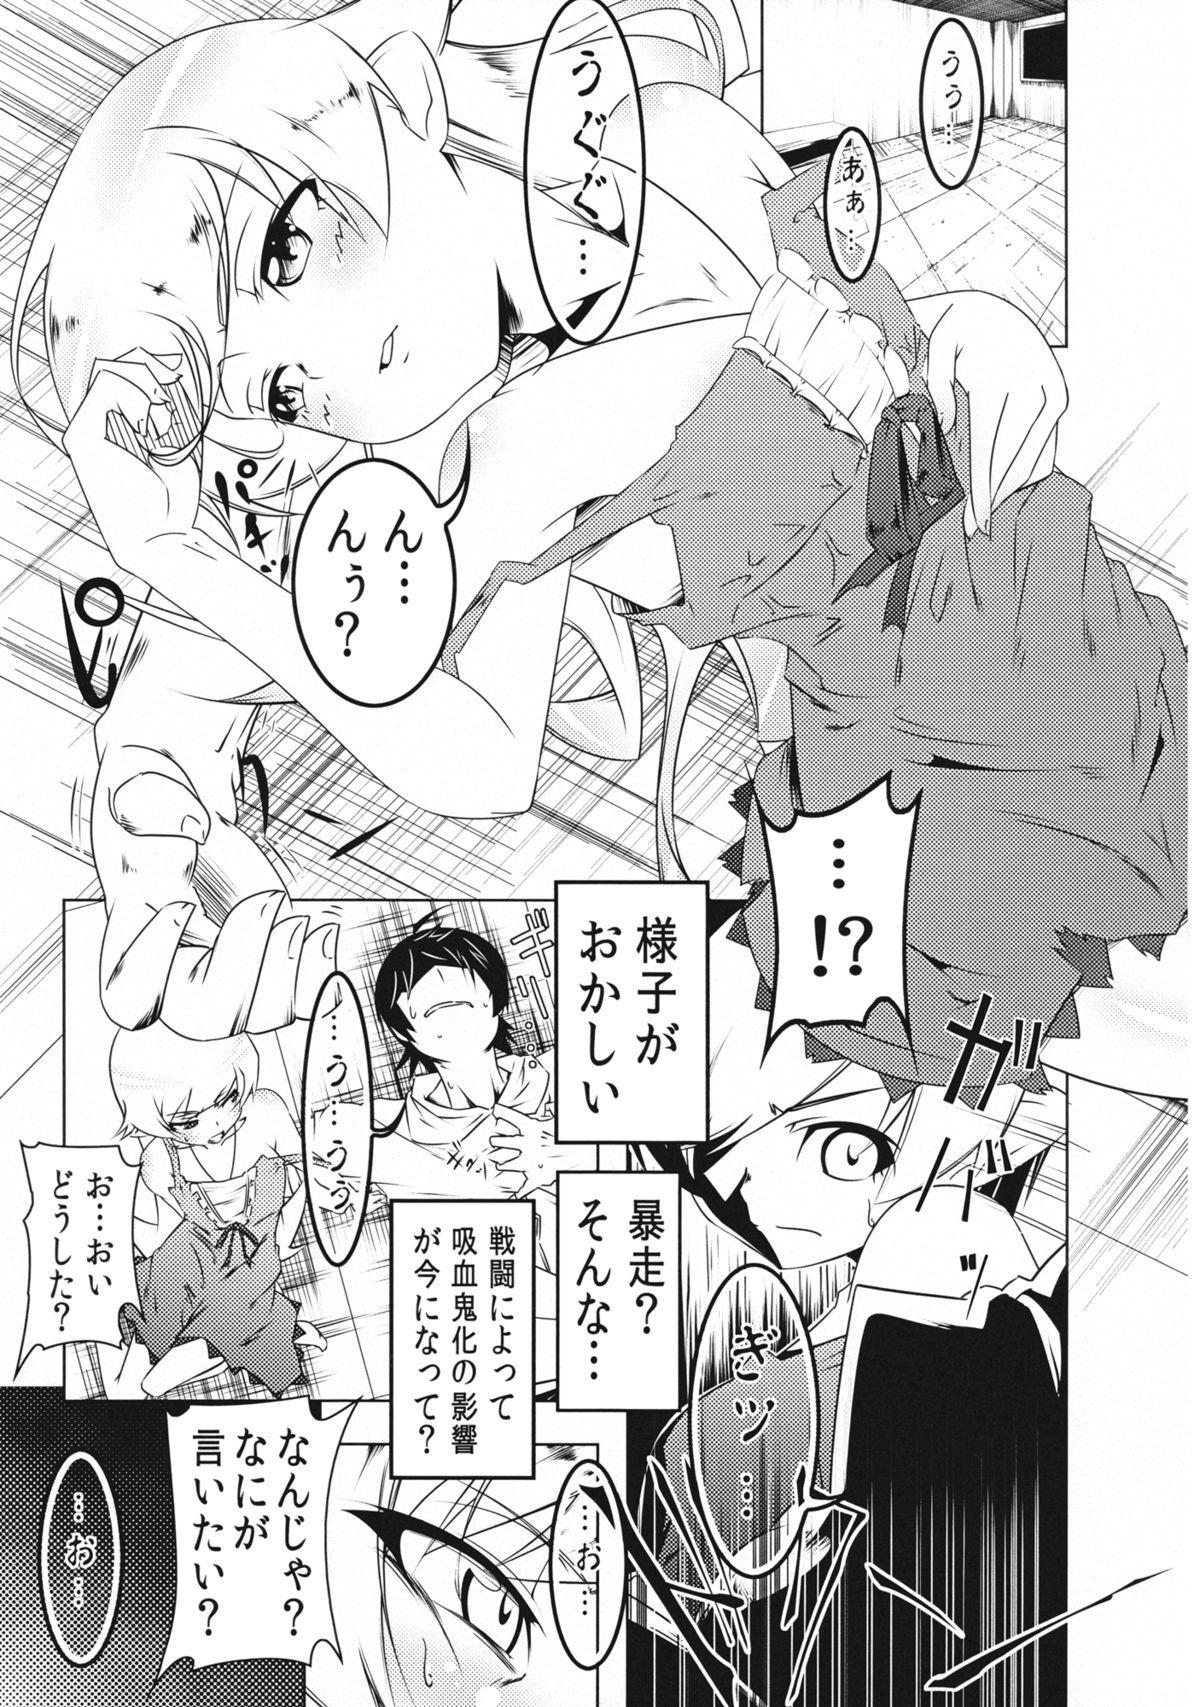 Zokumonogatari 2